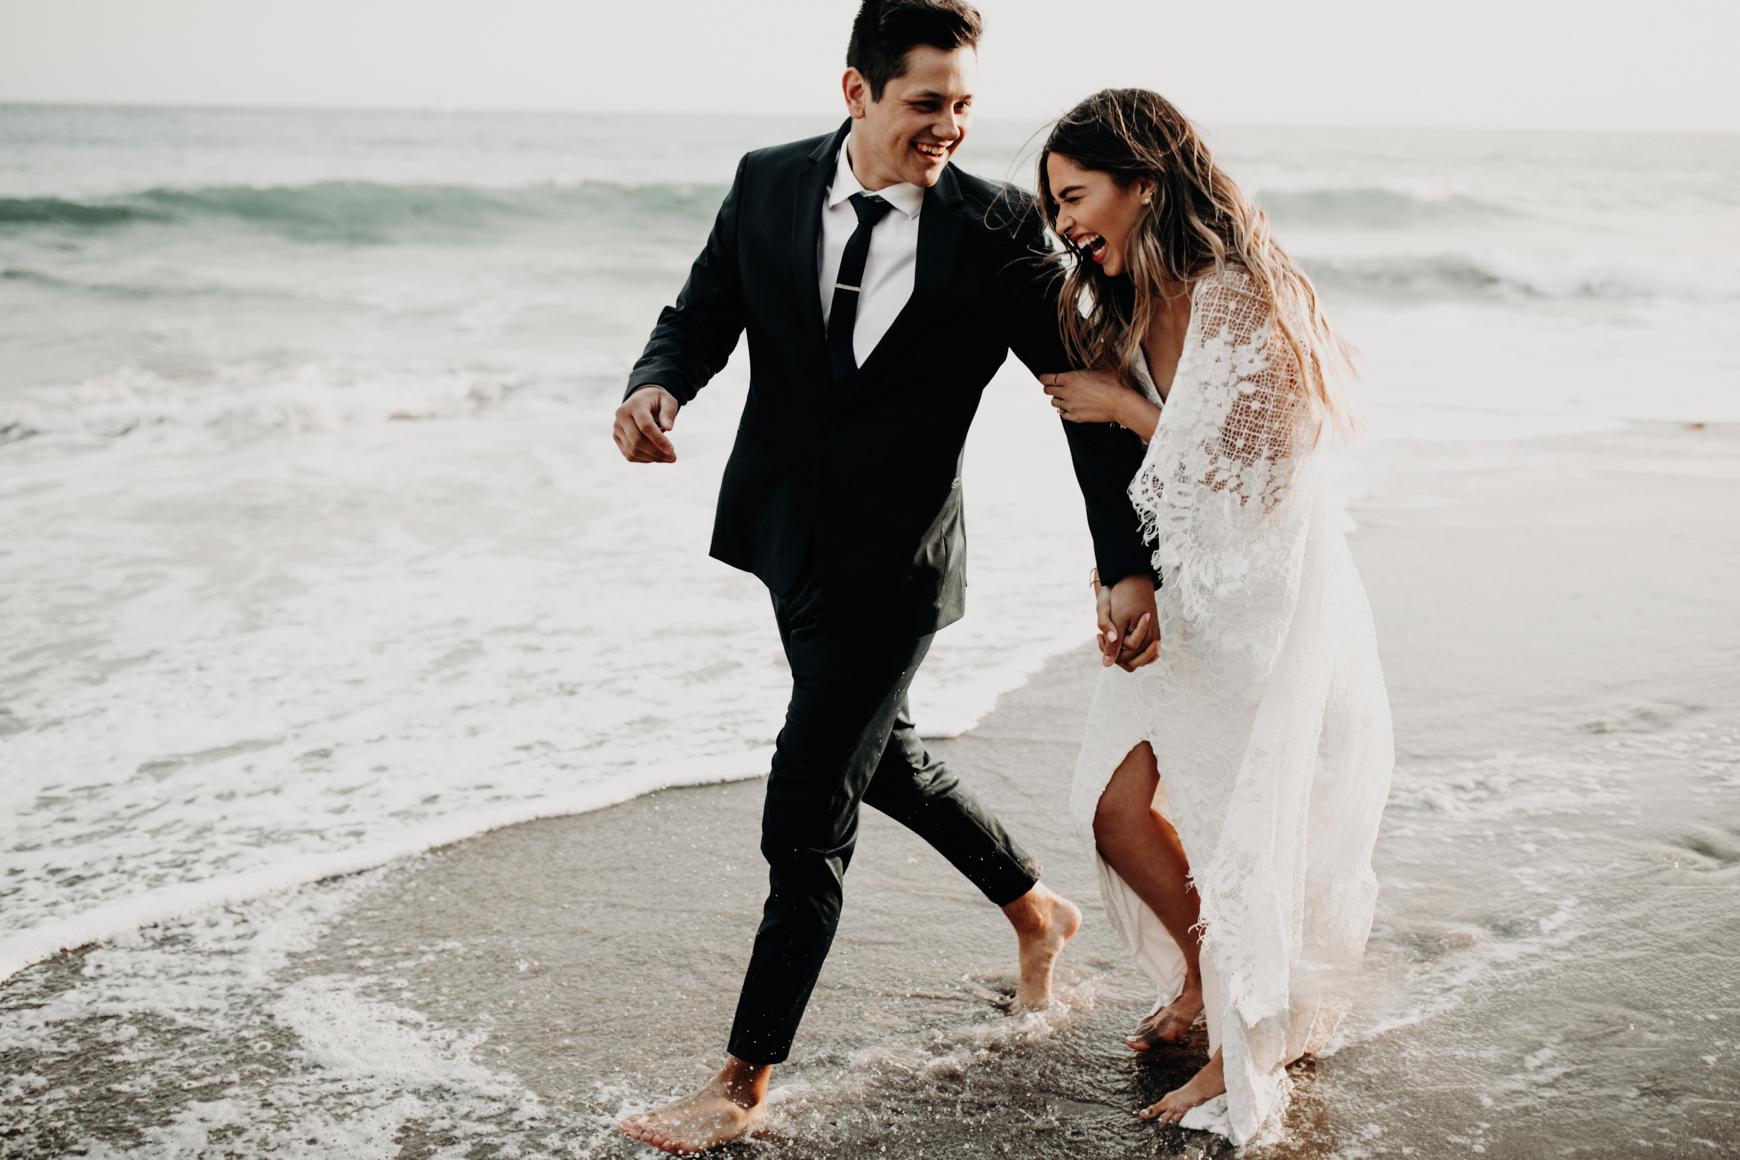 El Matador Beach Bridal Portraits Justellen & TJ Emily Magers Photography-277Emily Magers Photography.jpg